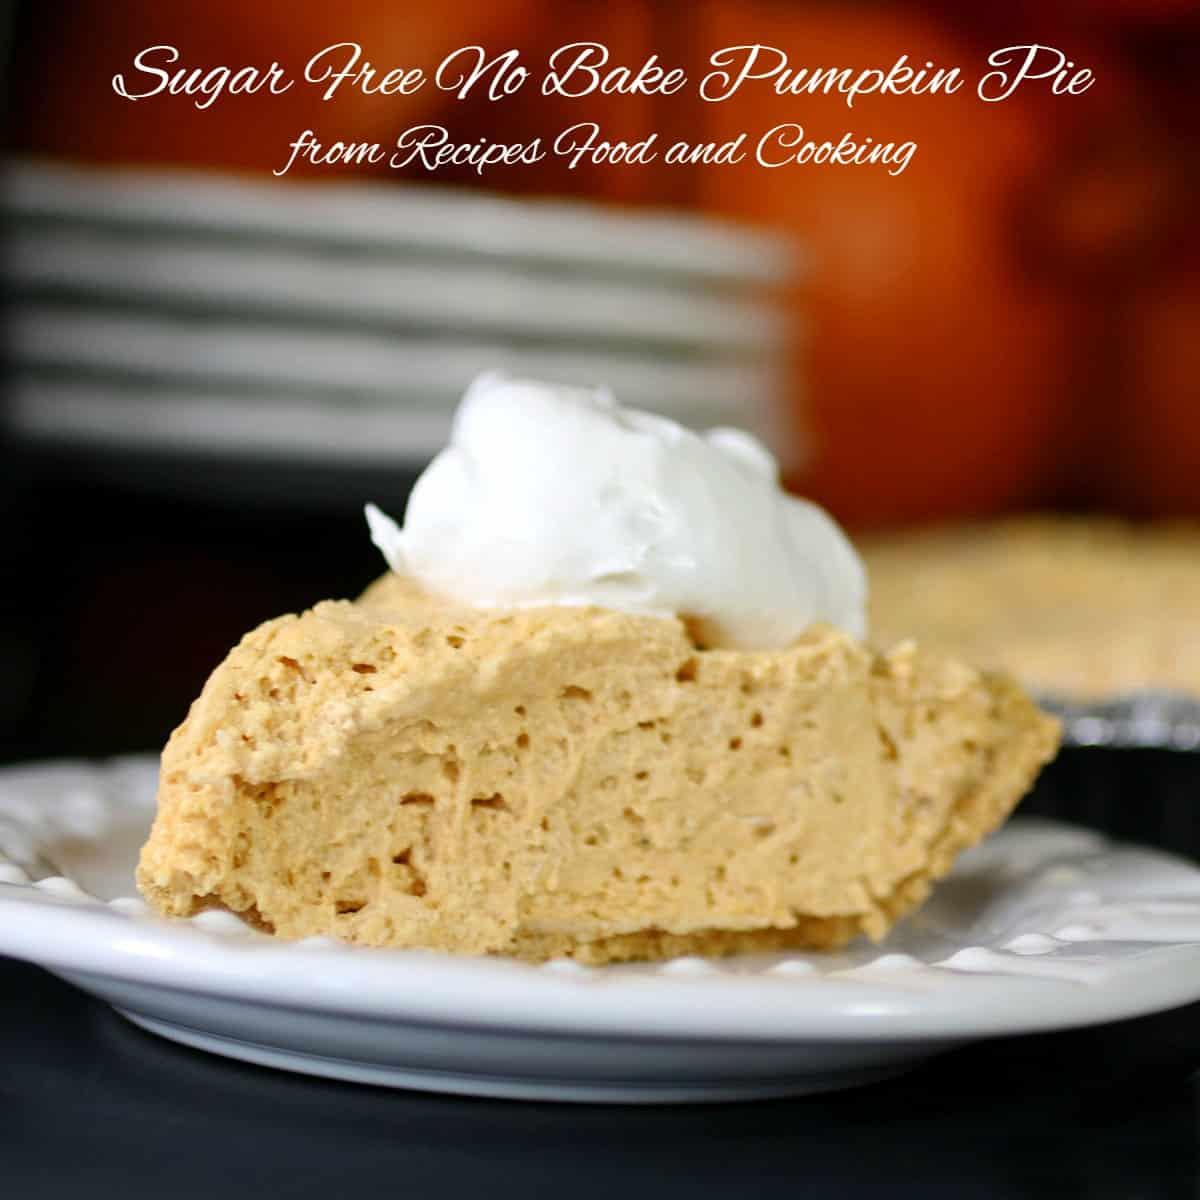 Sugar free pumpkin pie no bake